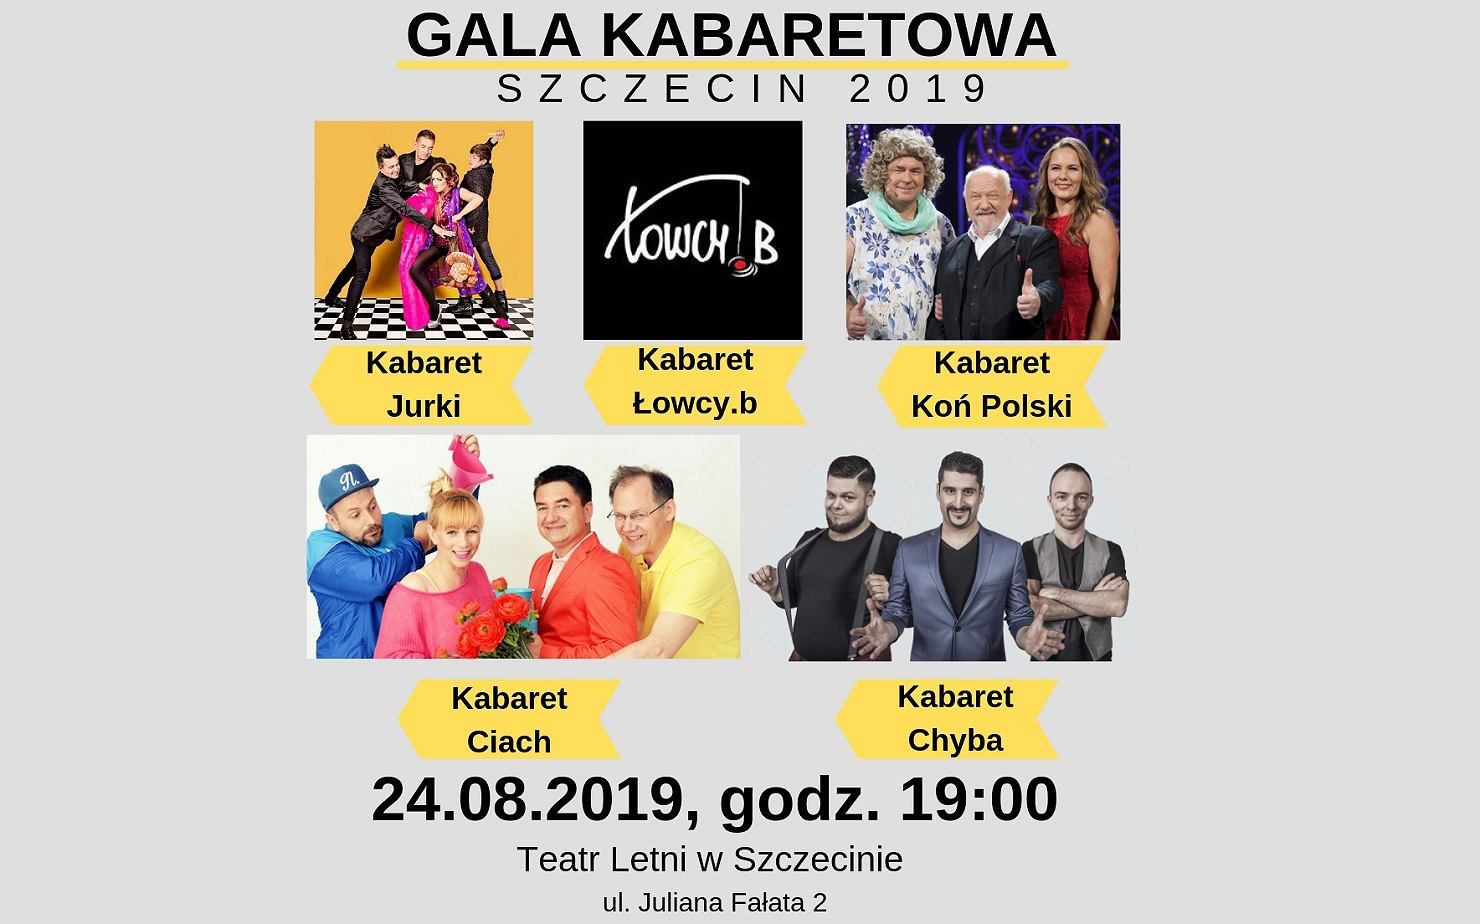 Szczecin Radio Złote Przeboje Tylko Dobra Muzyka